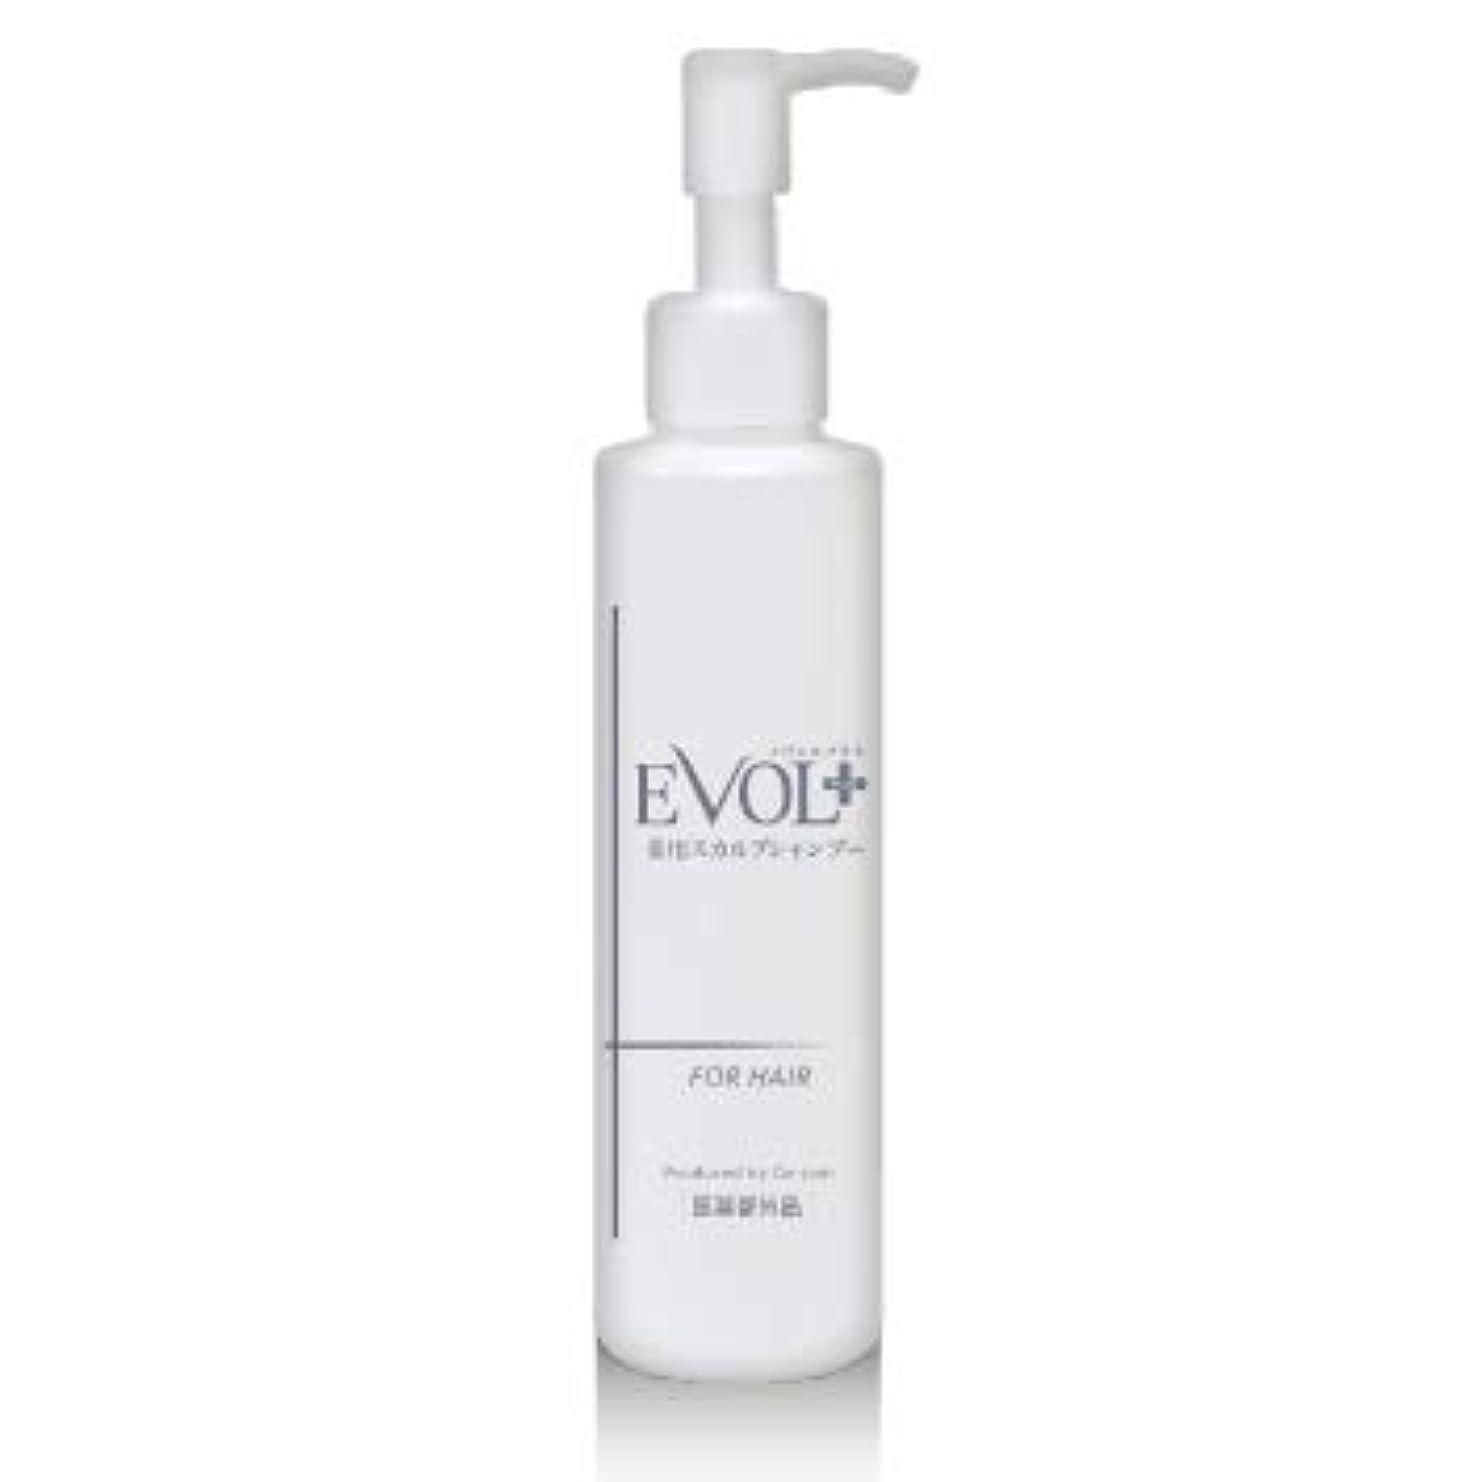 退屈させる遊具資料EVOL+(エヴォルプラス)薬用育毛シャンプー お得なコース